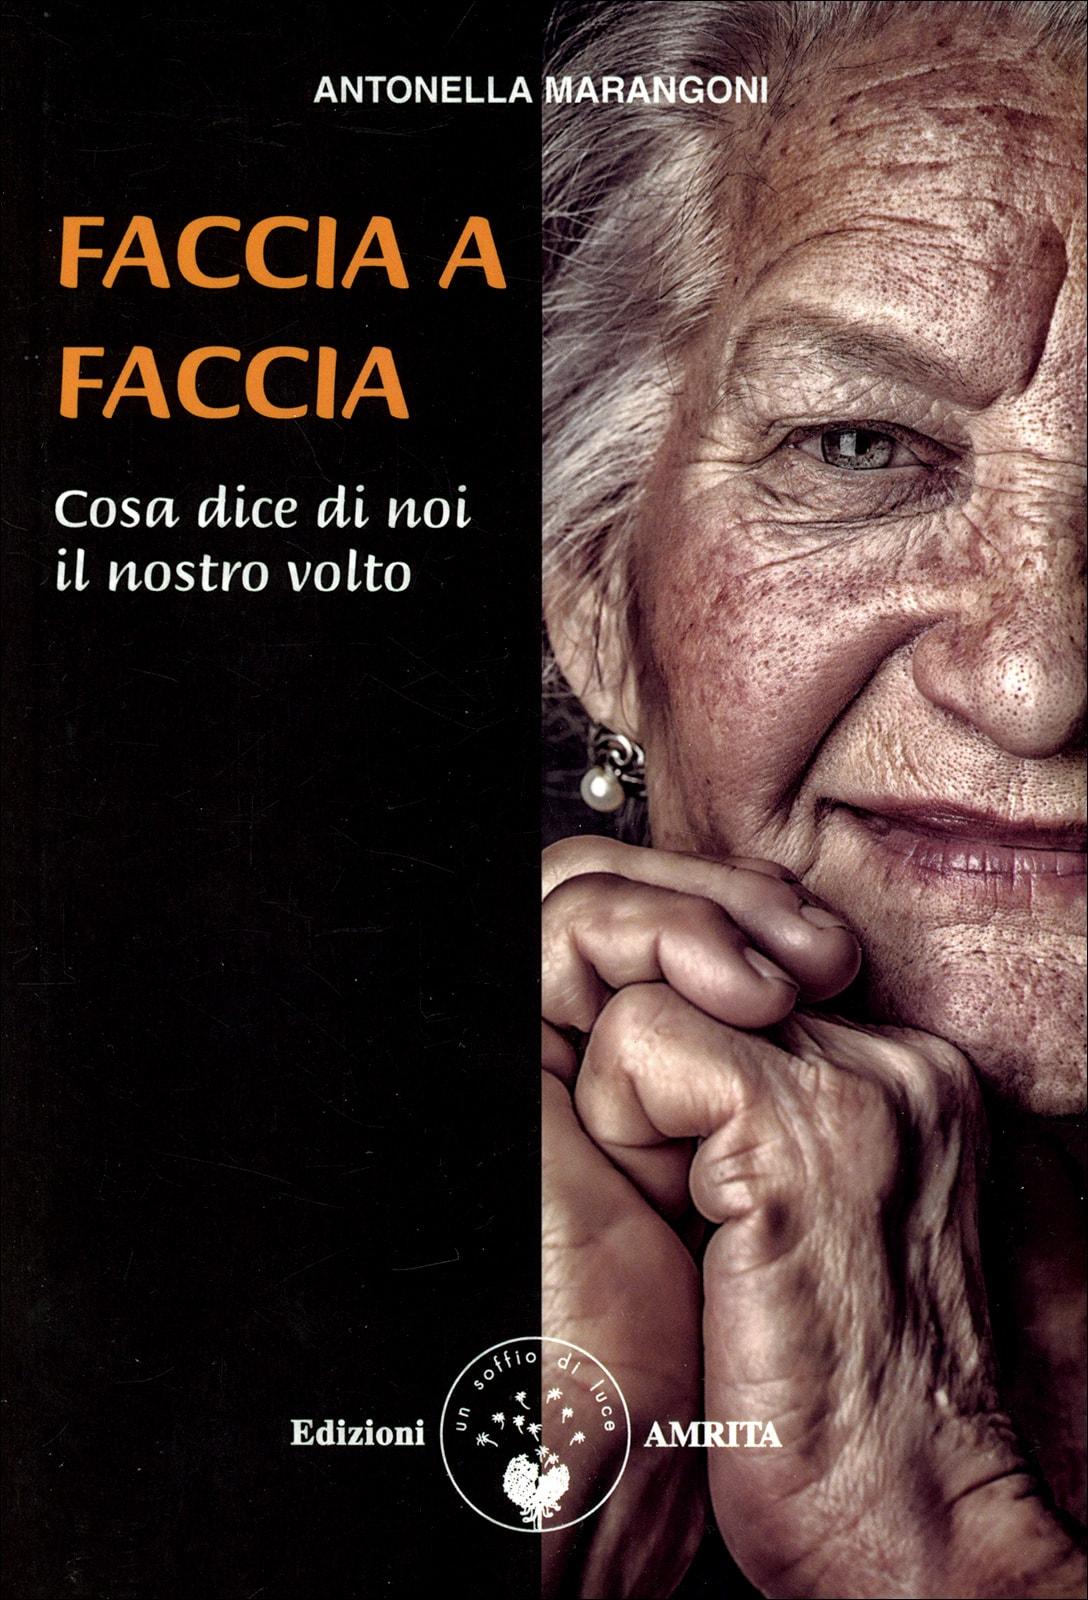 """Firmacopie in libreria: """"Faccia a faccia"""" di Marangoni Antonella"""